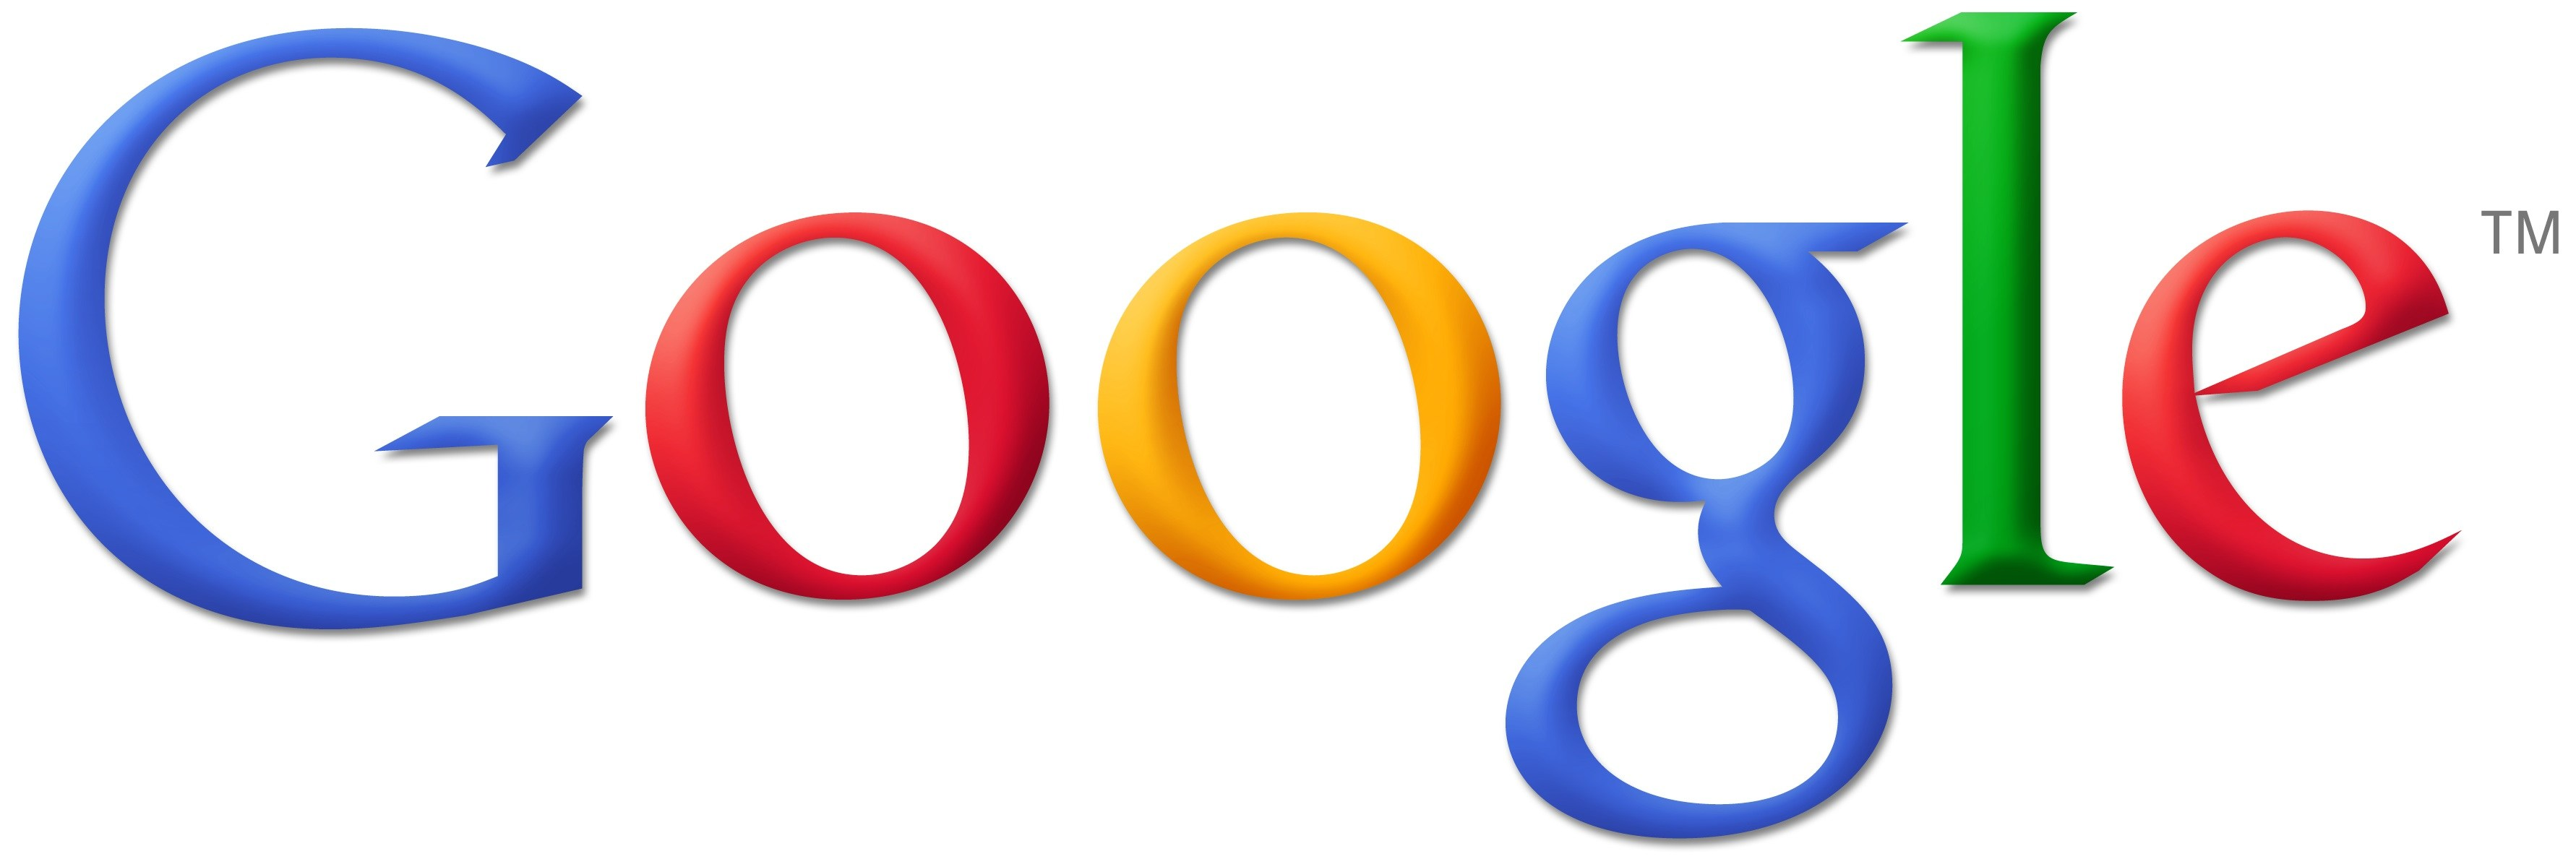 Droit à l'oubli : Google fournit quelques précisions